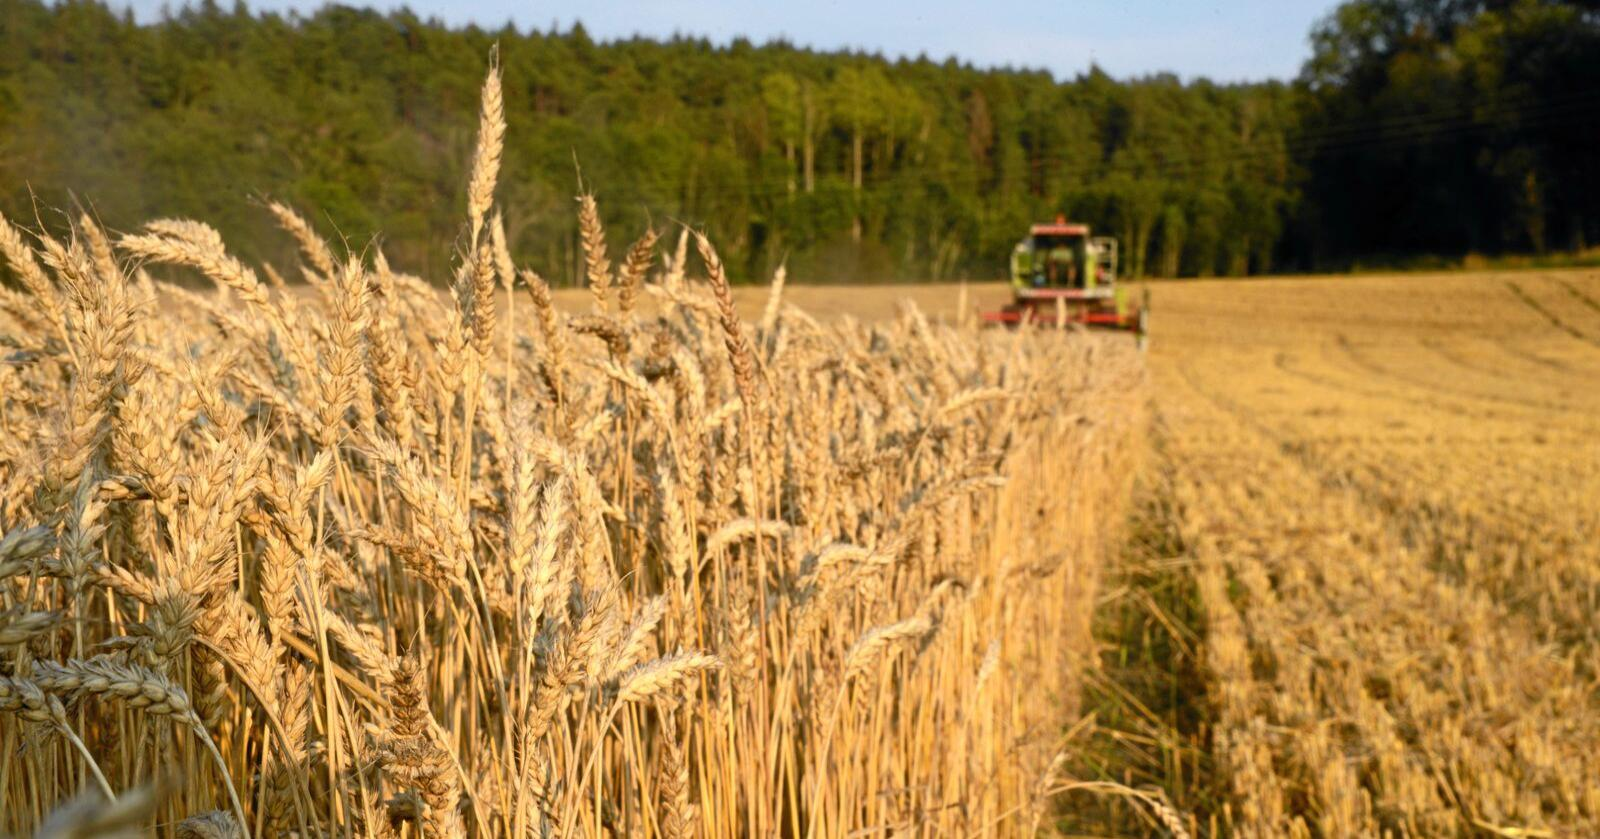 Felleskjøpet Agri har fått 10,2 millioner til et kornprosjekt. Foto: Mariann Tvete